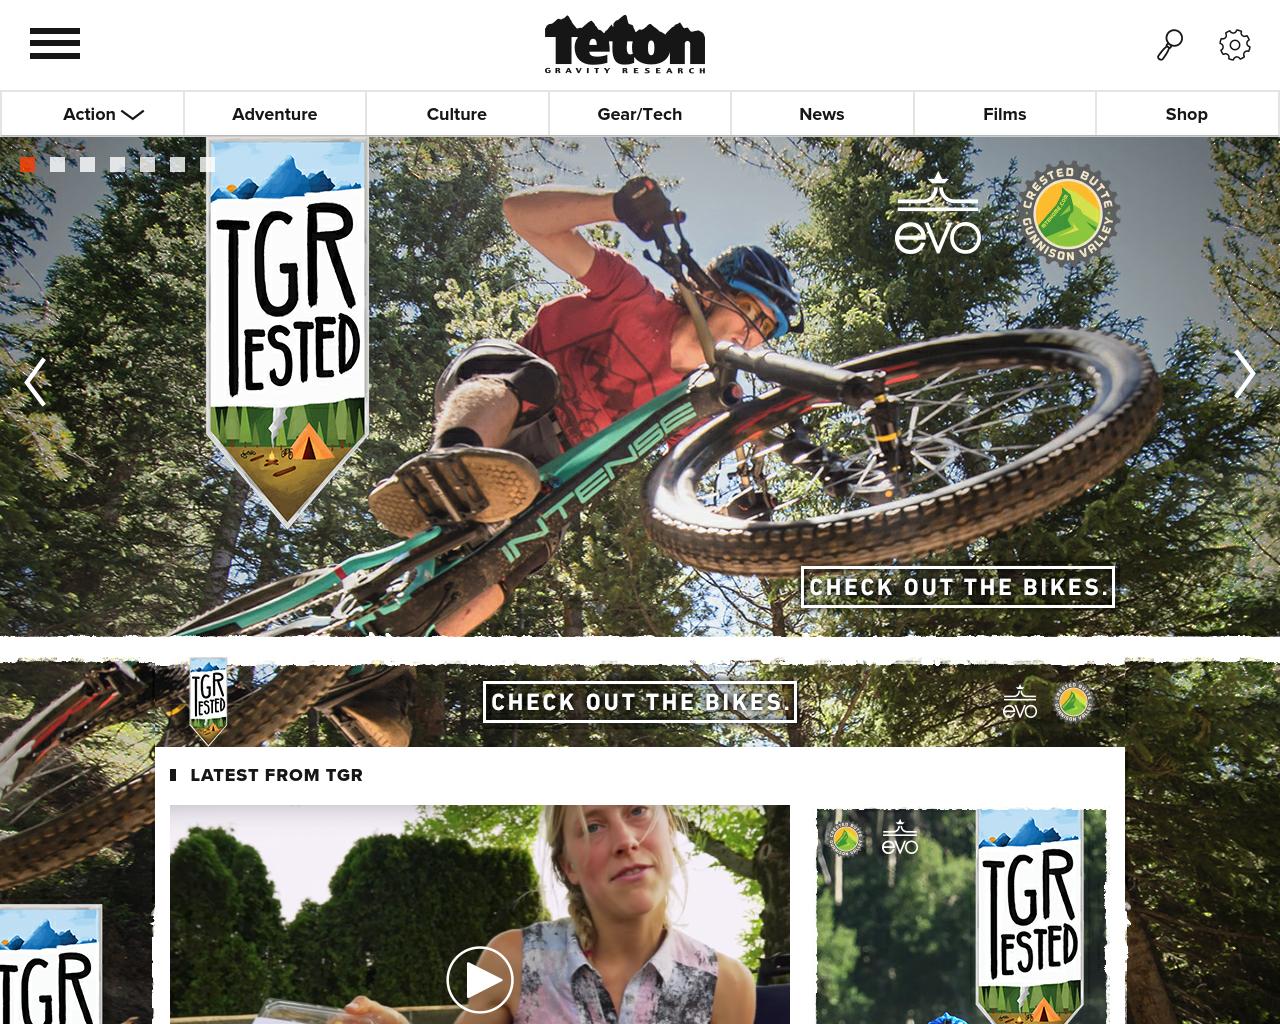 Teton-Advertising-Reviews-Pricing